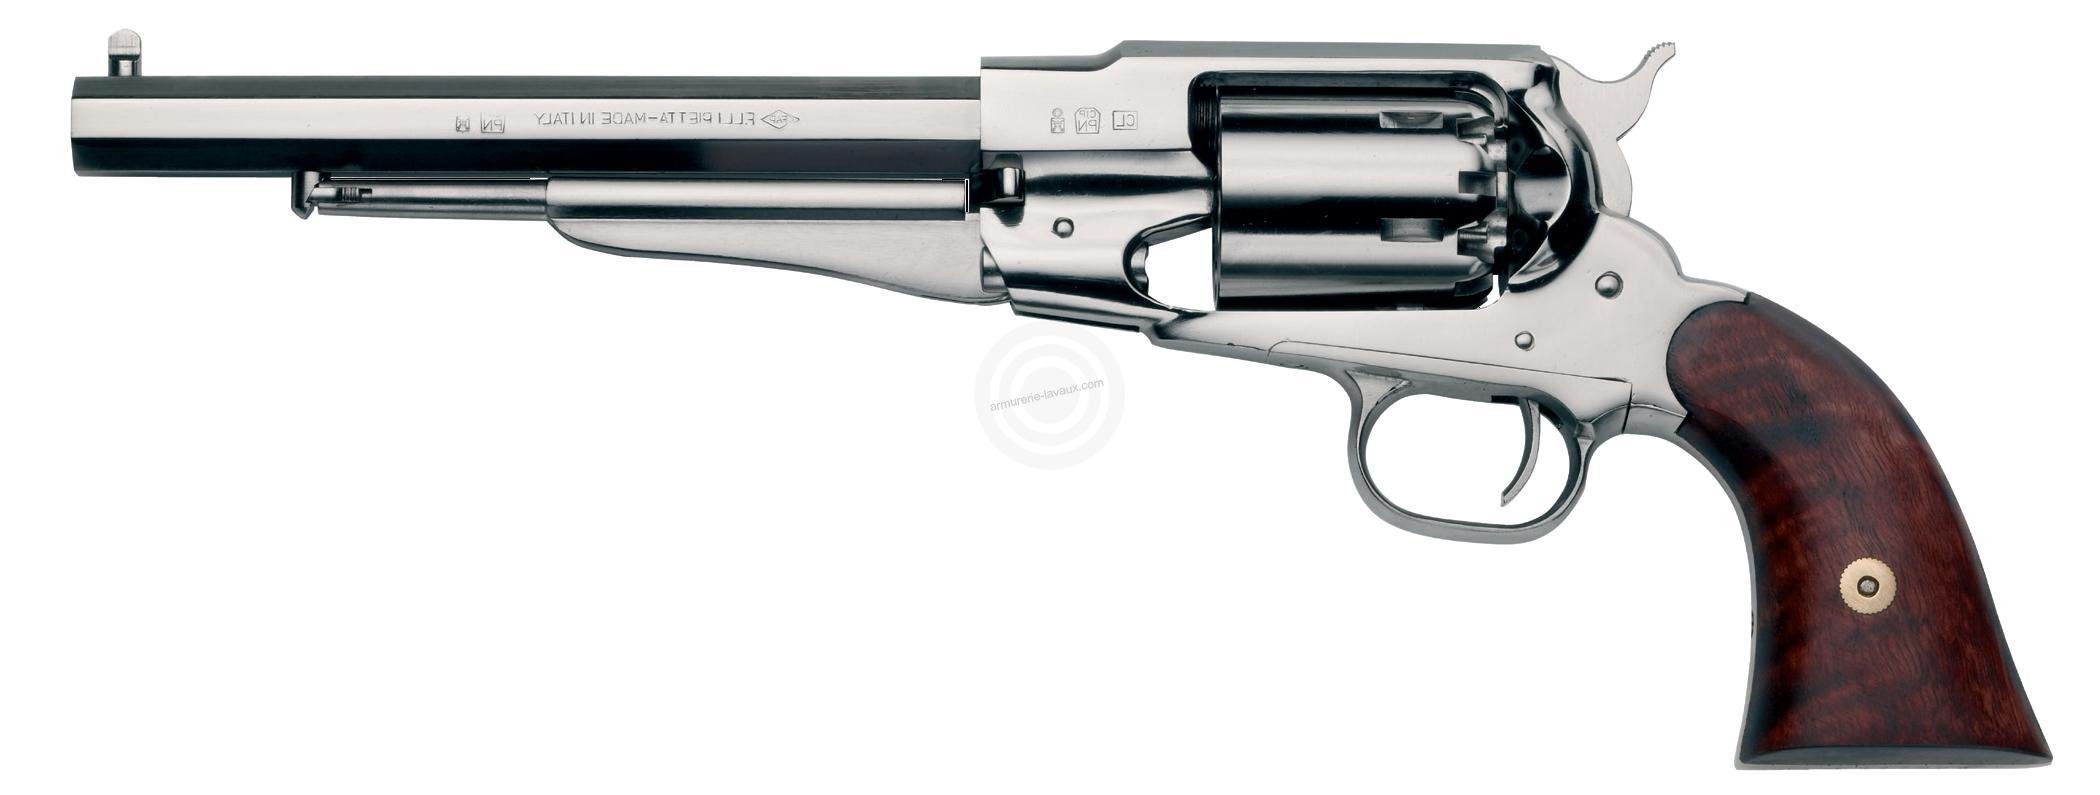 Revolver à Poudre Noire Pietta REMINGTON 1858 Texas Nickelé cal.44